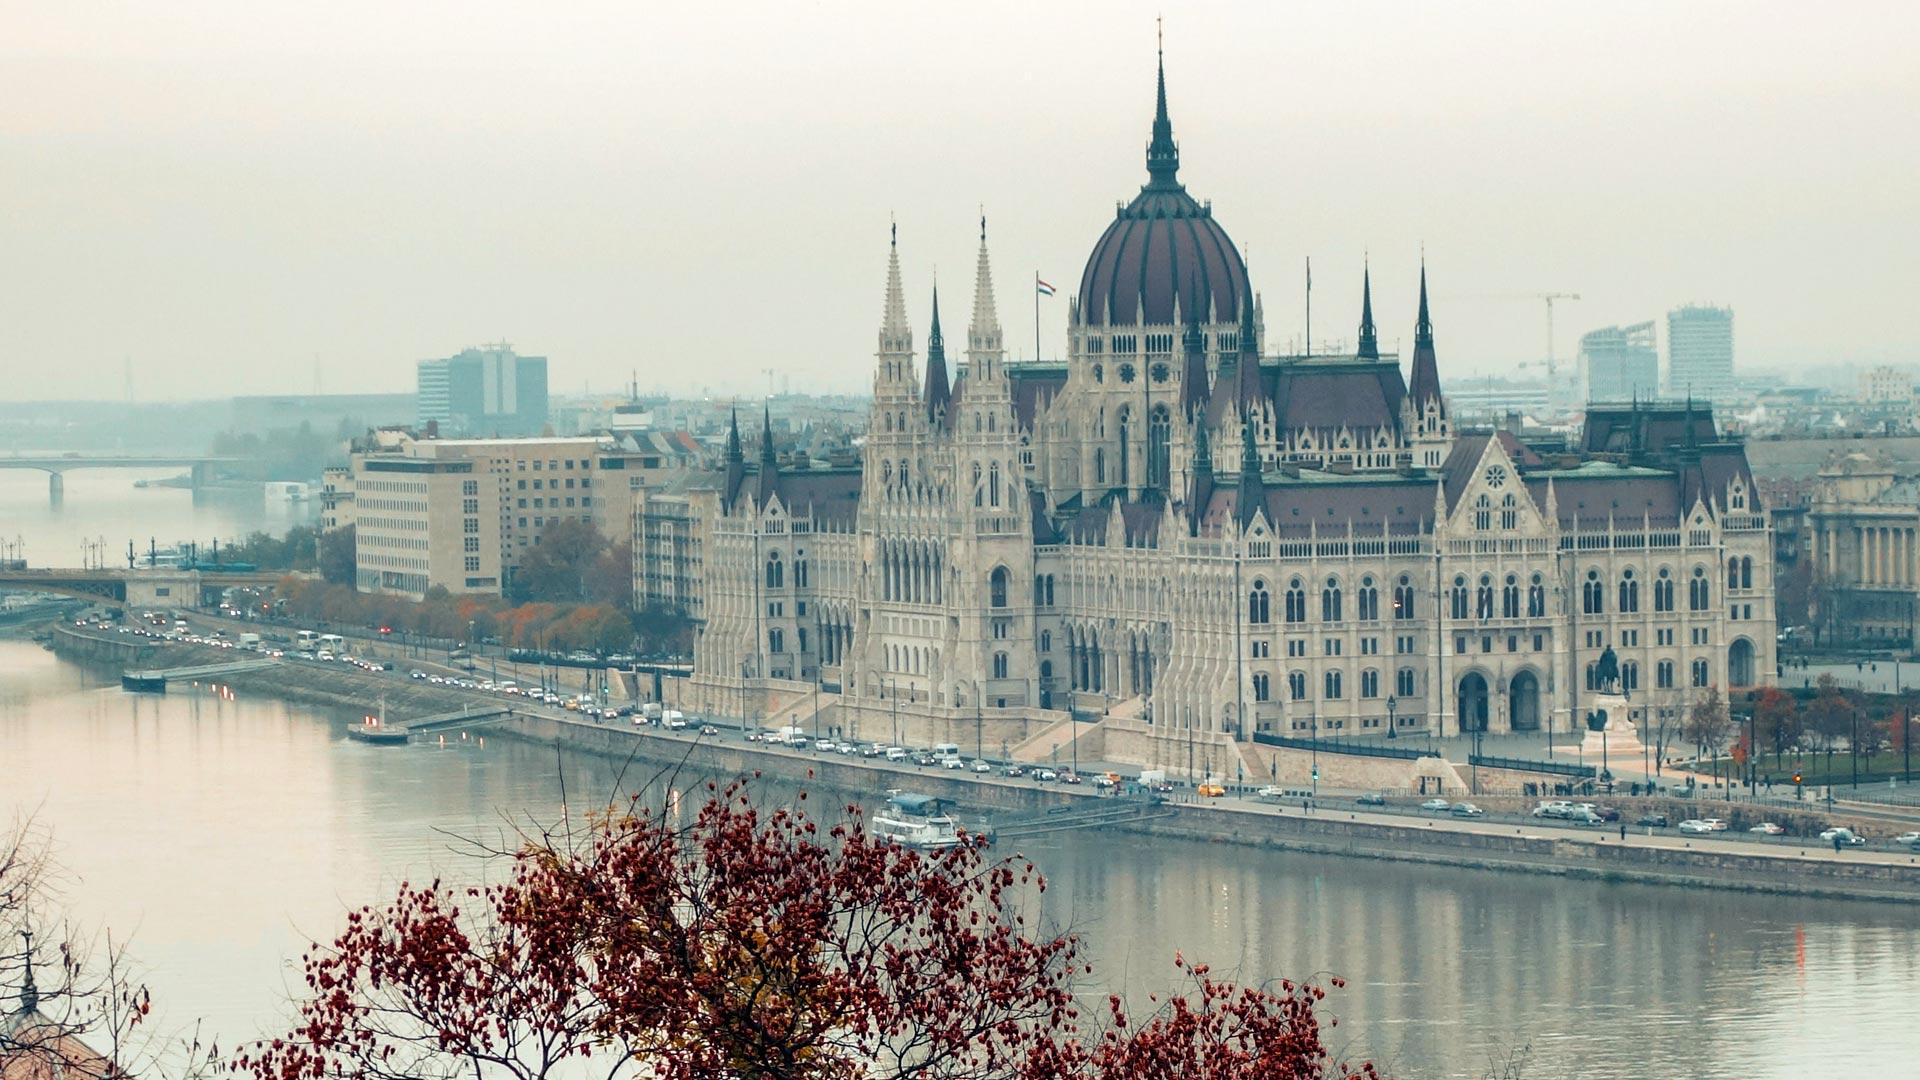 Najlepsze restauracje 2020 w Budapeszcie. Gdzie dobrze zjeść?